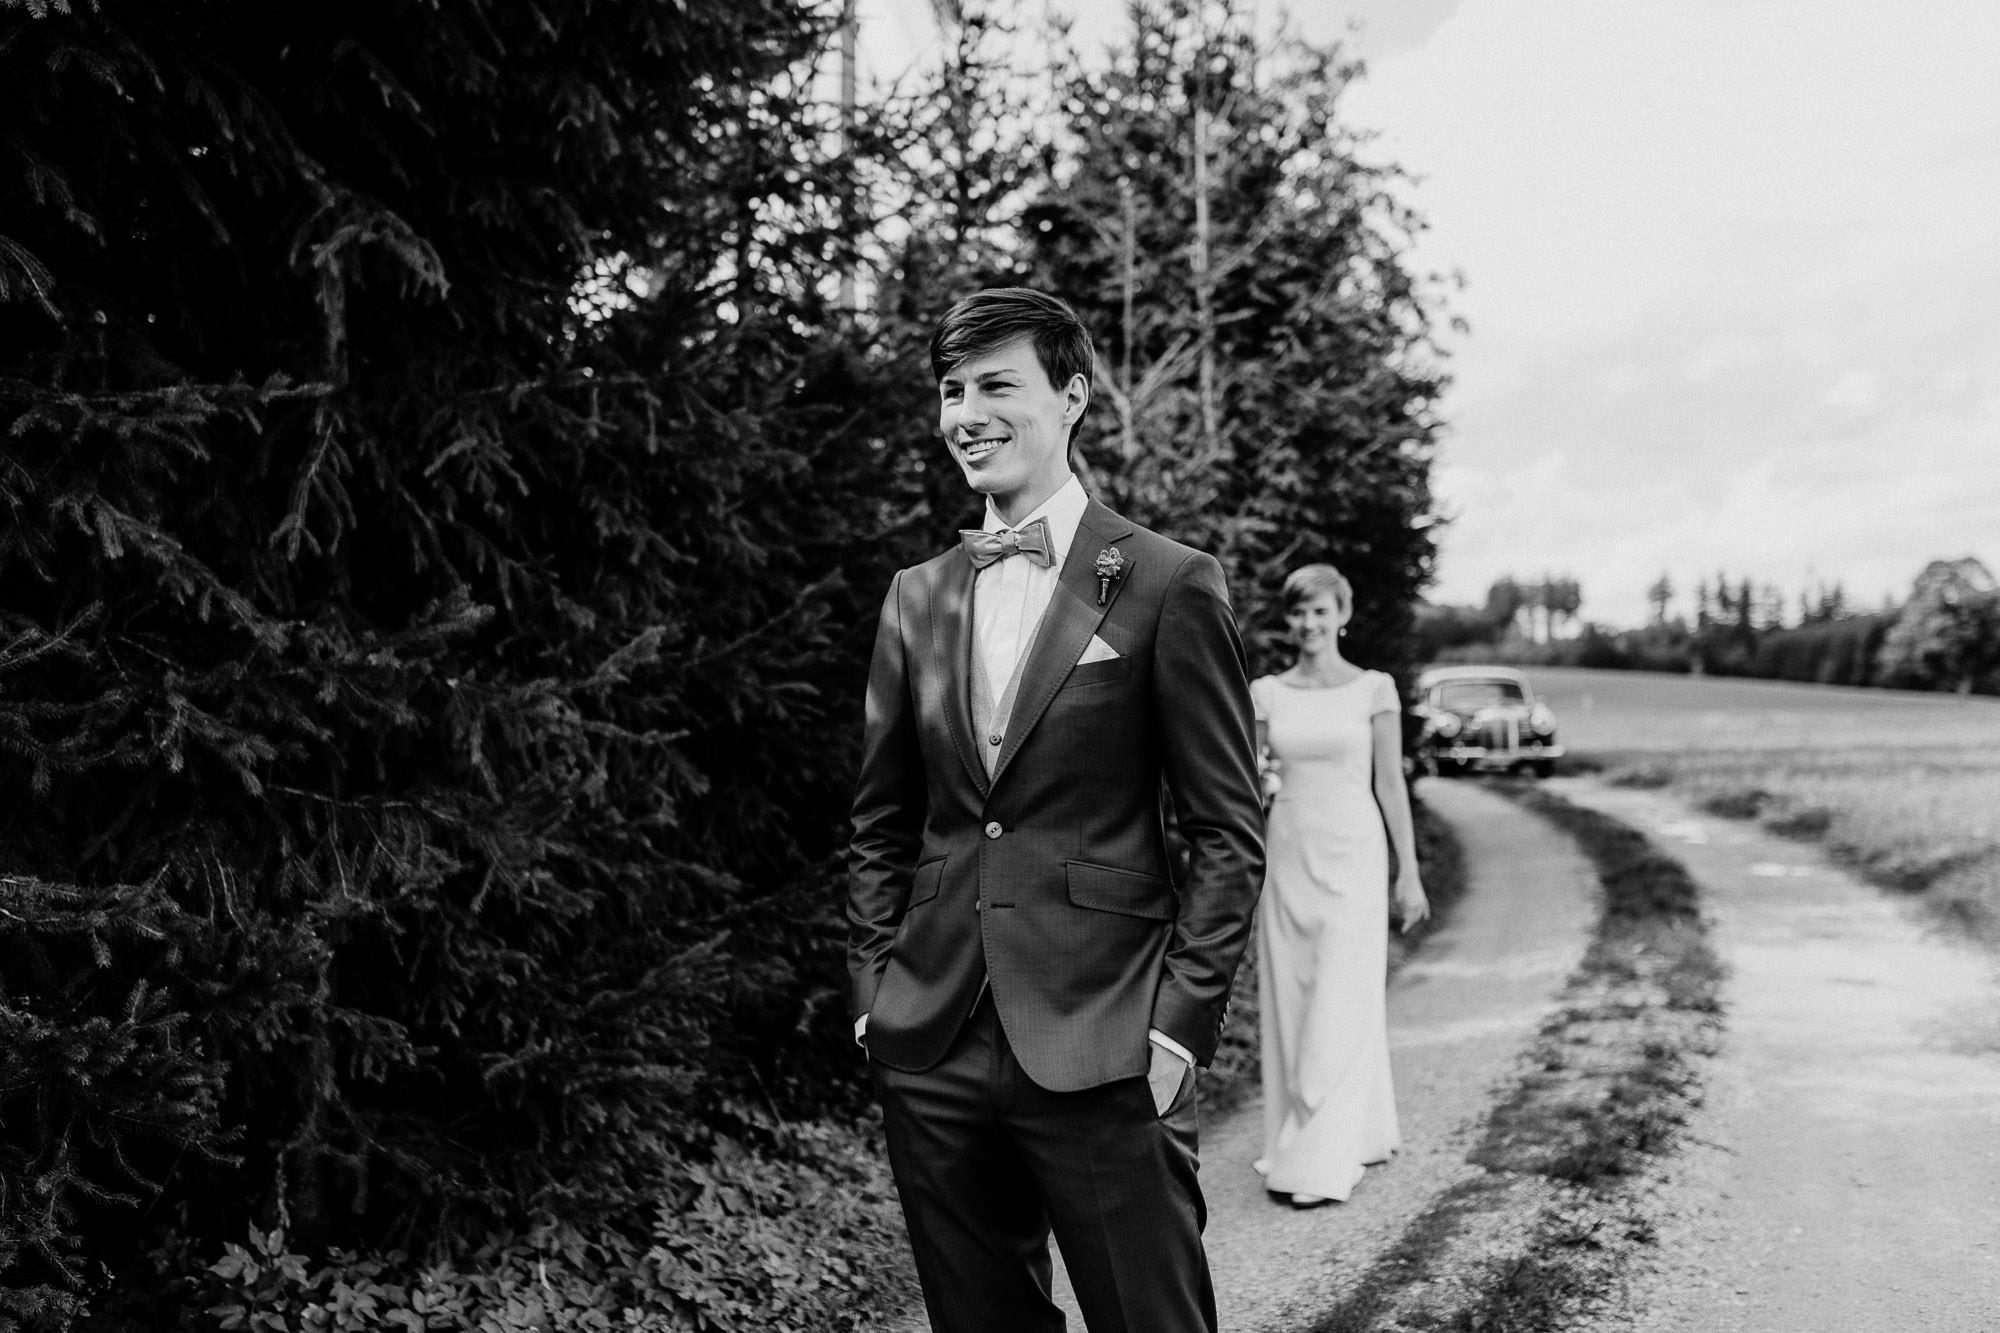 greenery-wedding-hochzeit-prielhof-sukkulenten-scheyern-lauraelenaphotography-019